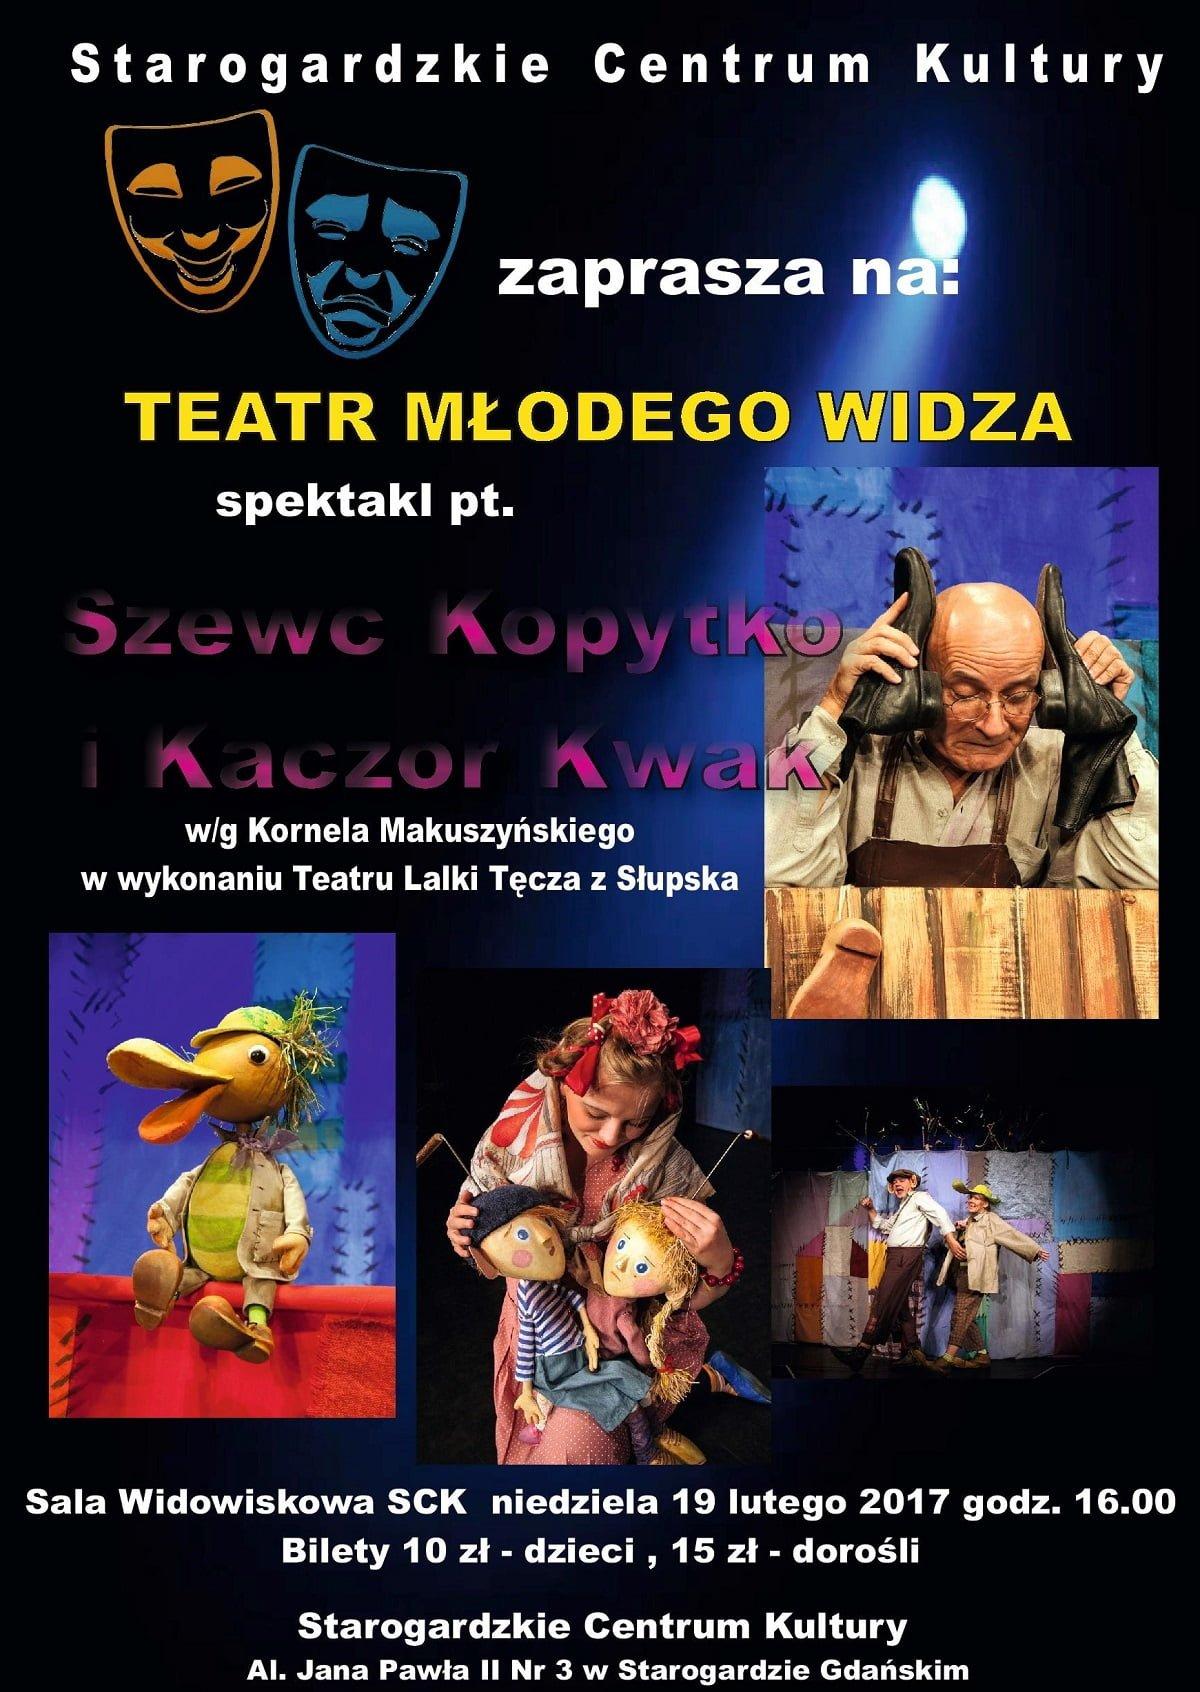 Teatr Młodego Widza - Szewc Kopytko i Kaczor Kwak